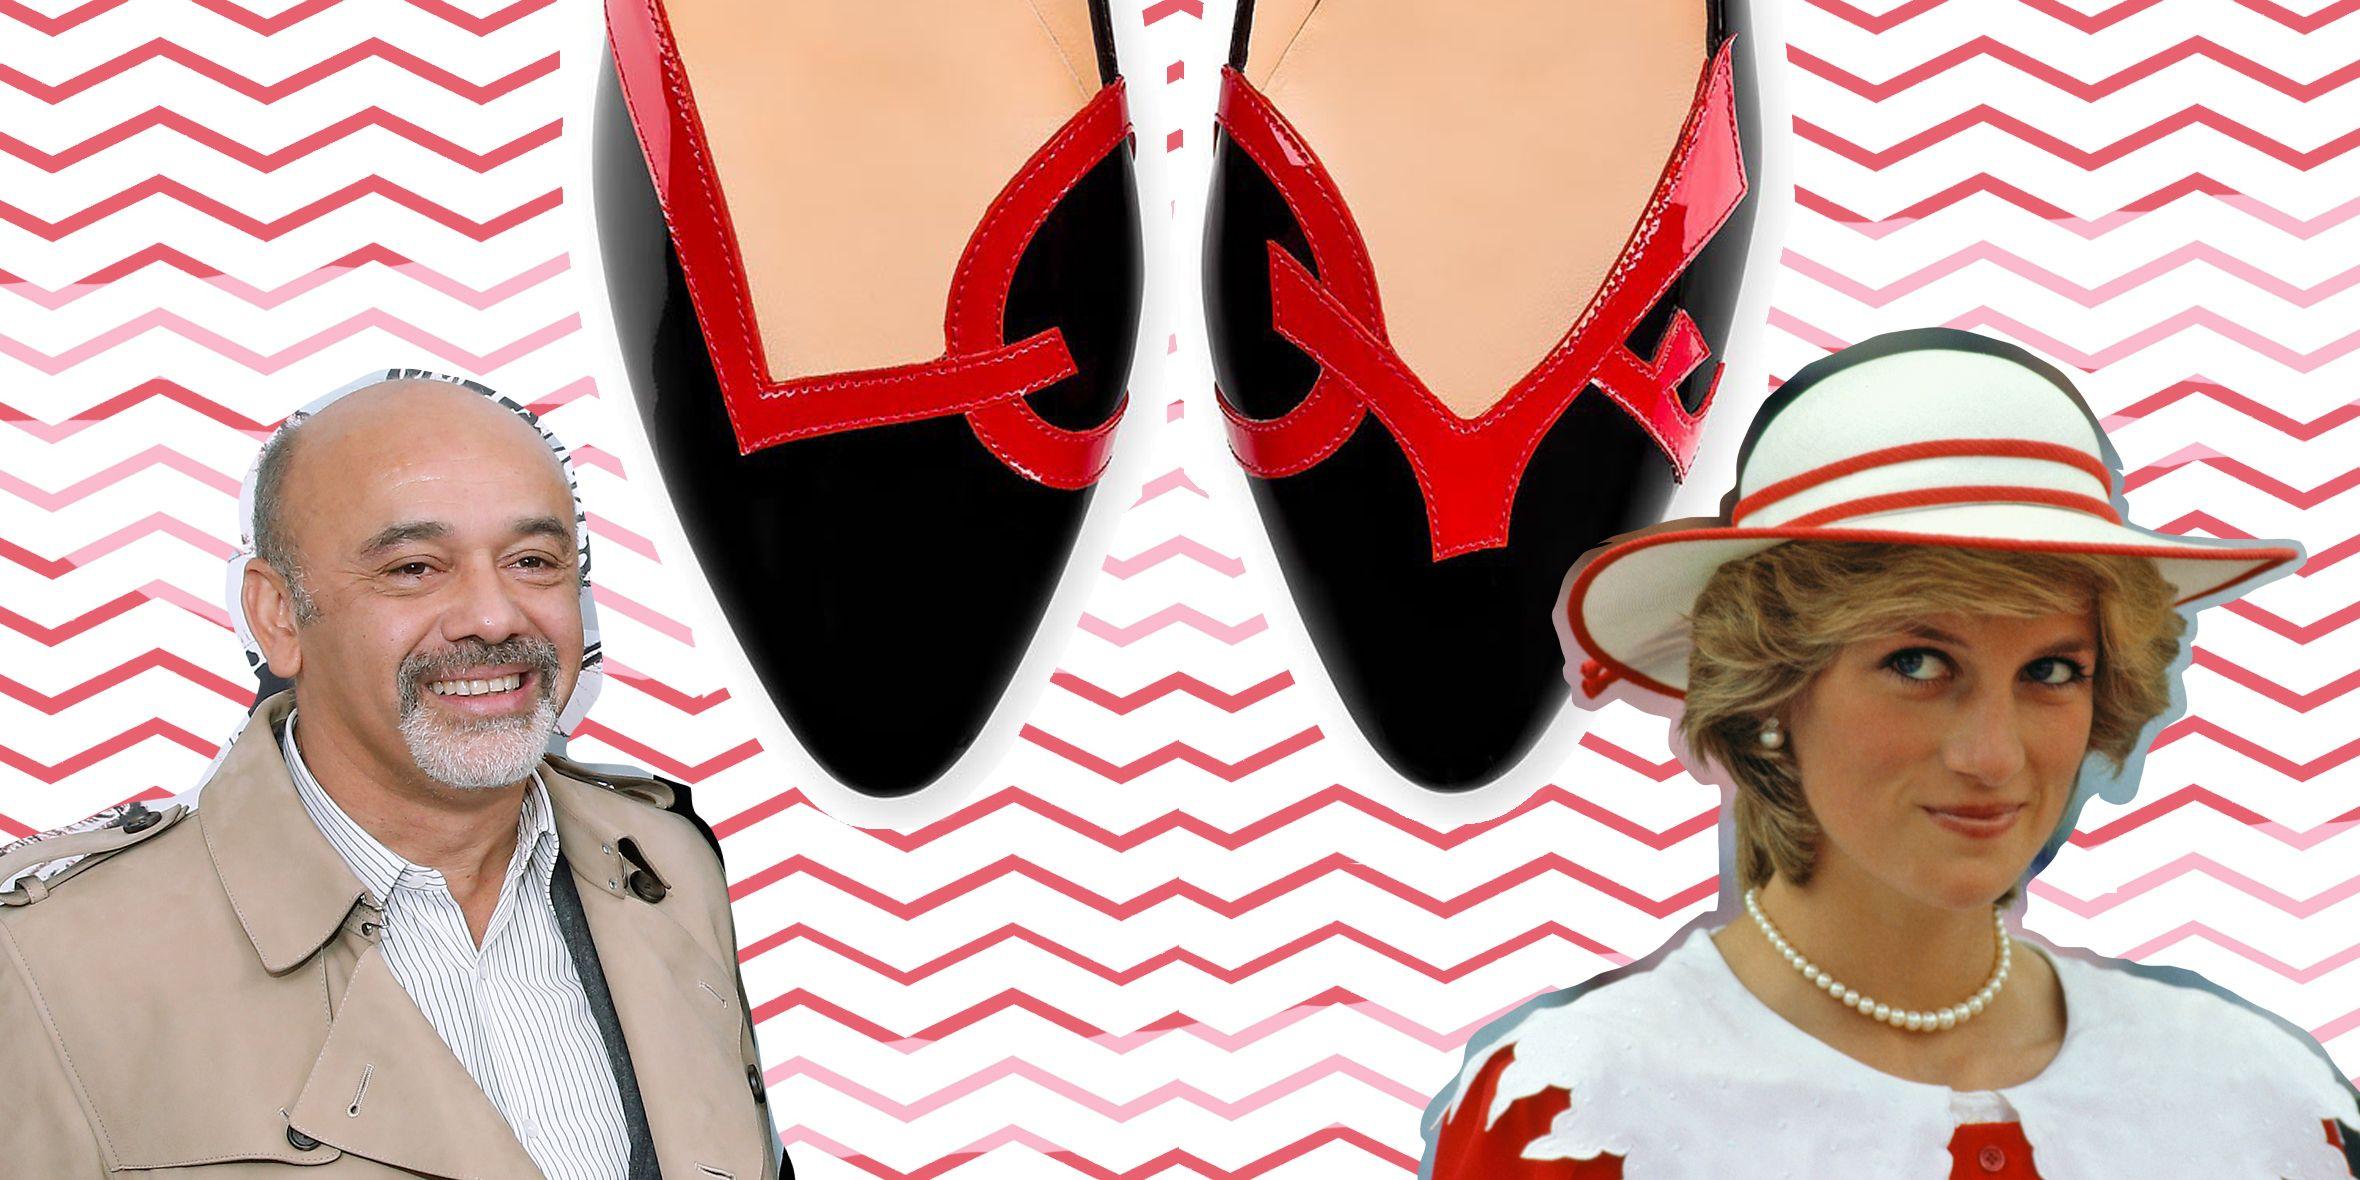 Le nuove scarpe Louboutin della serie LOVE sono un omaggio e un abbraccio mega a Lady Diana advise